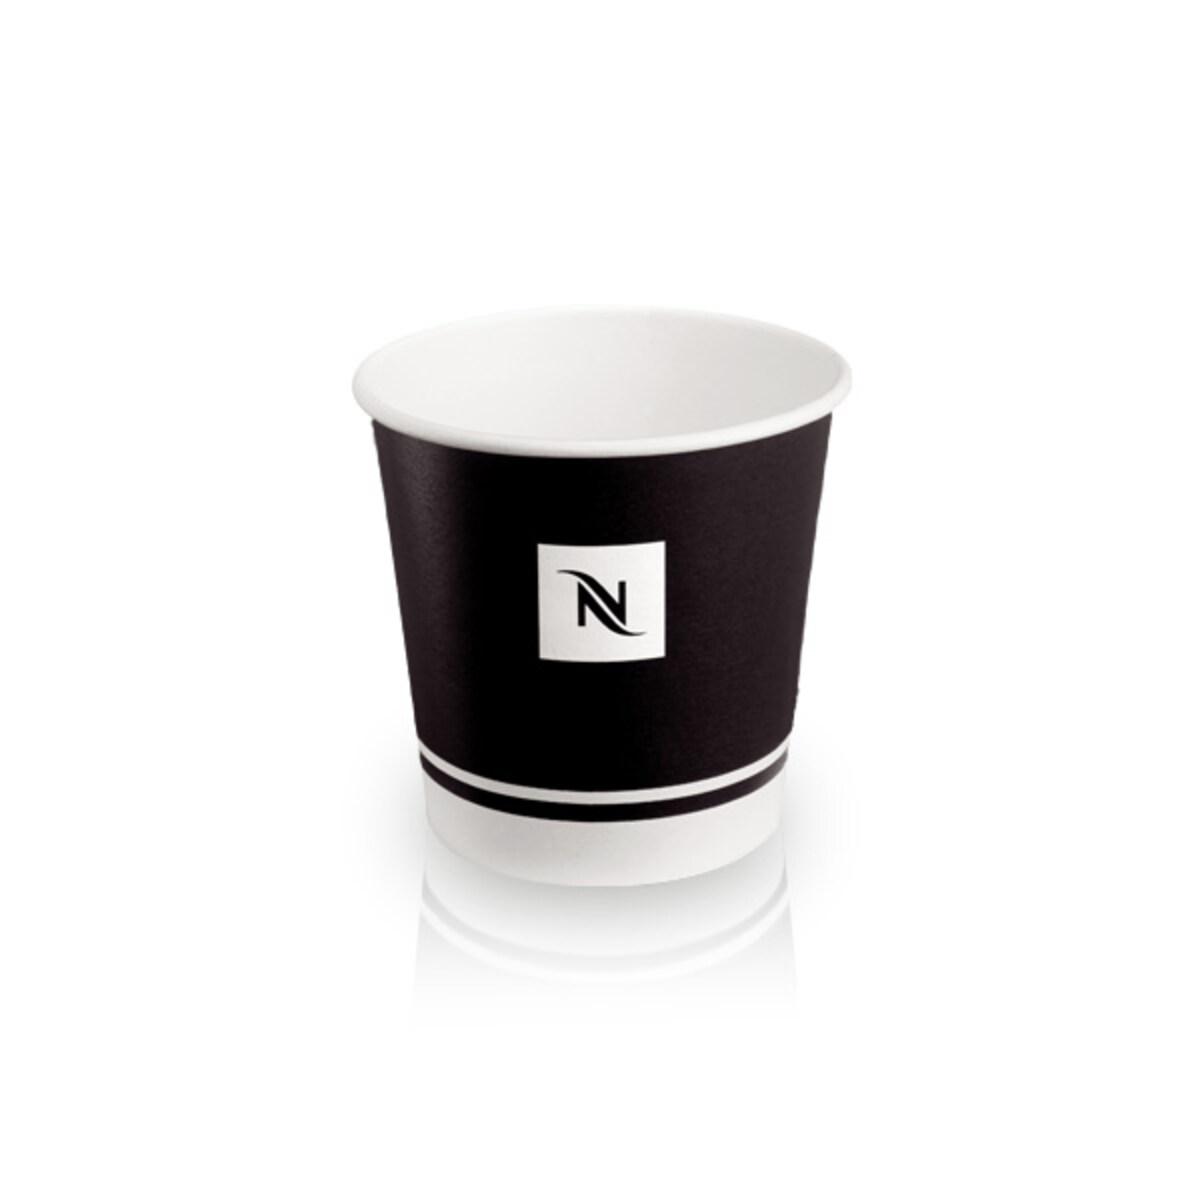 Nespresso Paper Cup 100 ml